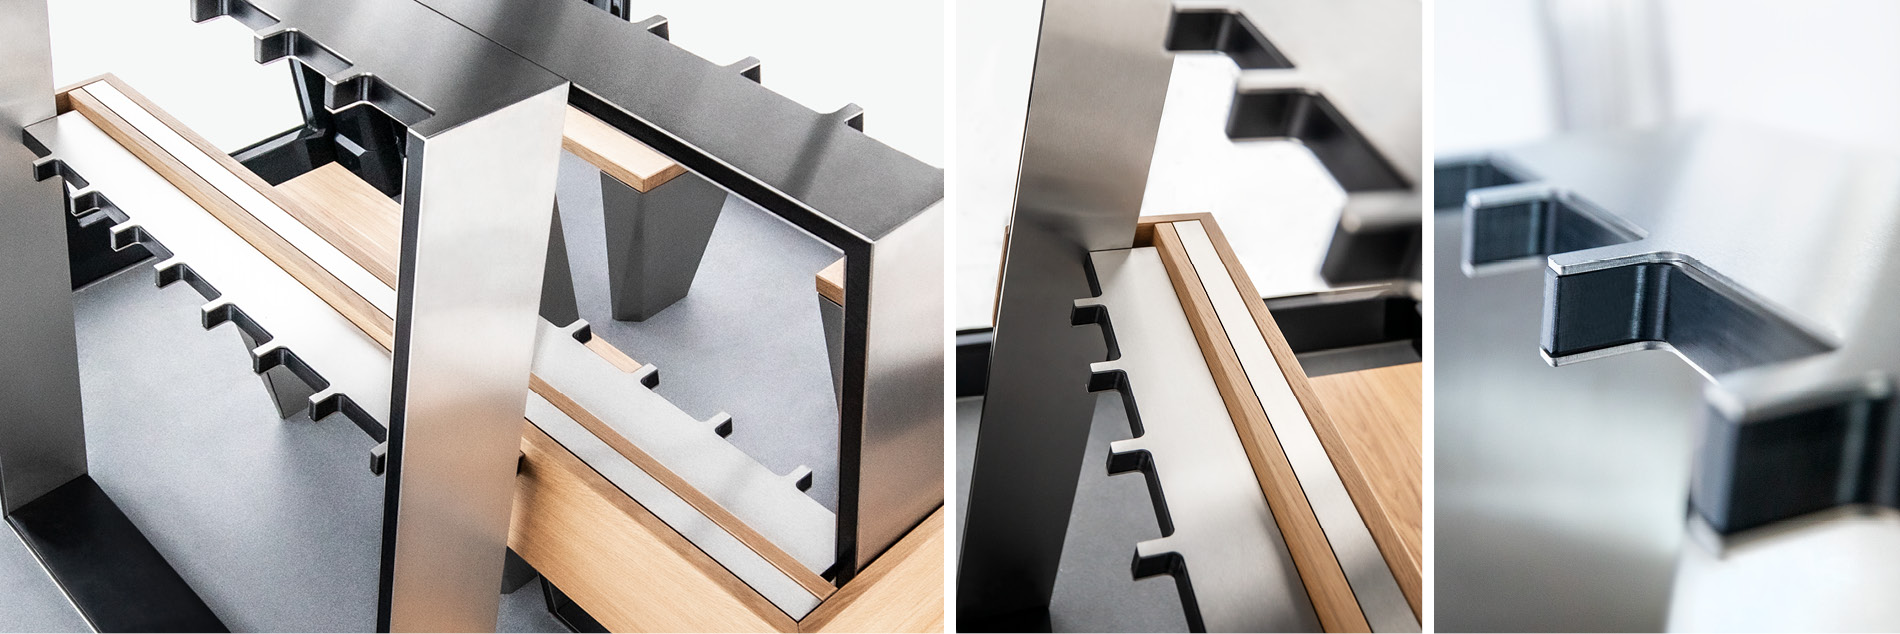 Material-Mix aus Holz und Aluminium